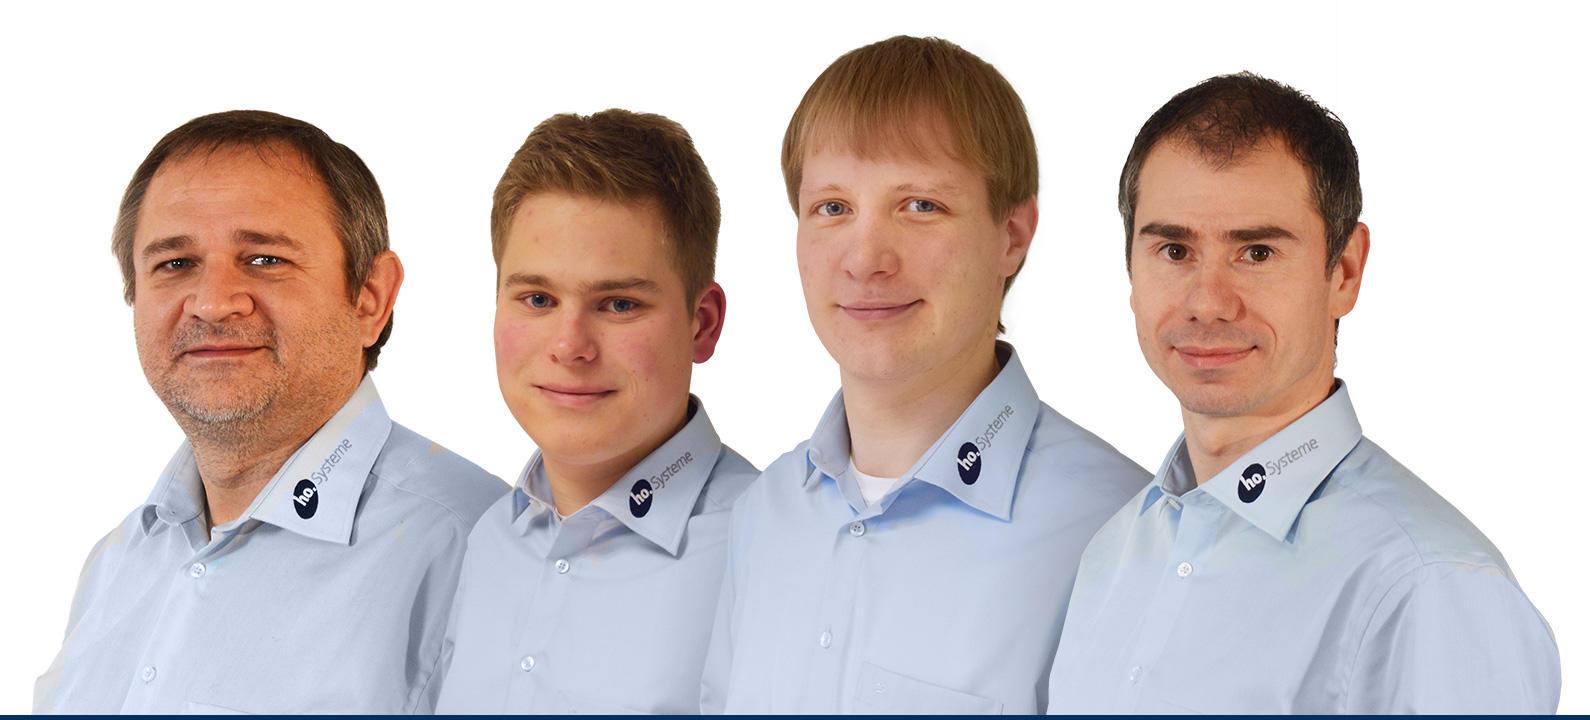 Unsere neuen Teammitglieder